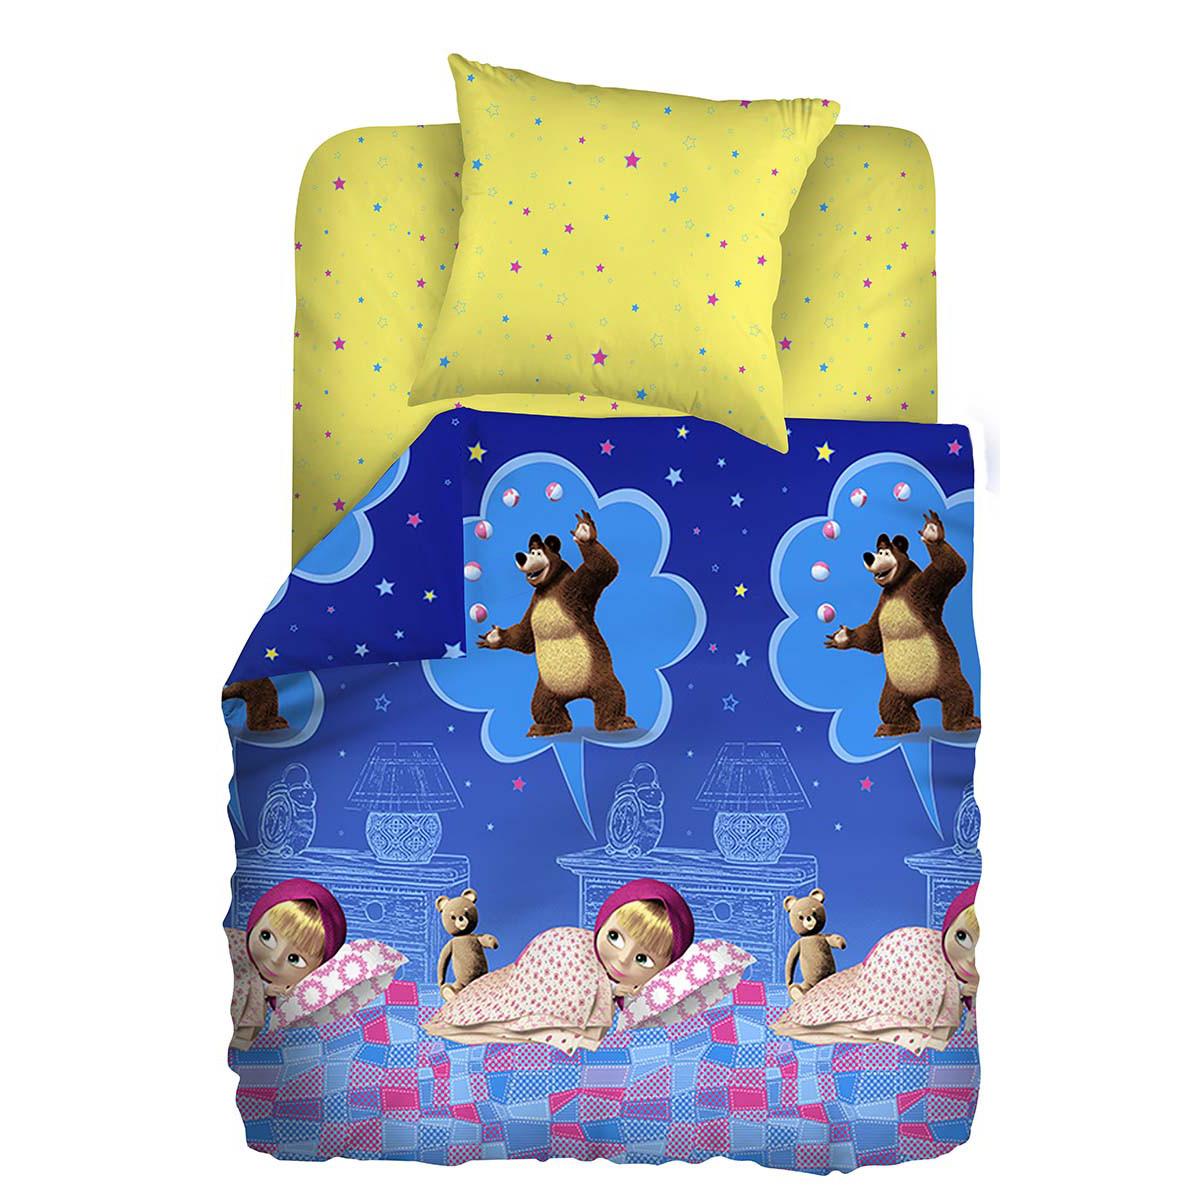 Маша и Медведь Комплект детского постельного белья Машин сон531-105Комплект детского постельного белья Маша и Медведь Машин сон, состоящий из наволочки, простыни и пододеяльника, выполнен из натурального 100% хлопка. Пододеяльник оформлен рисунком в виде героев из мультфильма Маша и Медведь. Хлопок - это натуральный материал, который не раздражает даже самую нежную и чувствительную кожу малыша, не вызывает аллергии и хорошо вентилируется. Такой комплект идеально подойдет для кроватки вашего малыша. На нем ребенок будет спать здоровым и крепким сном.